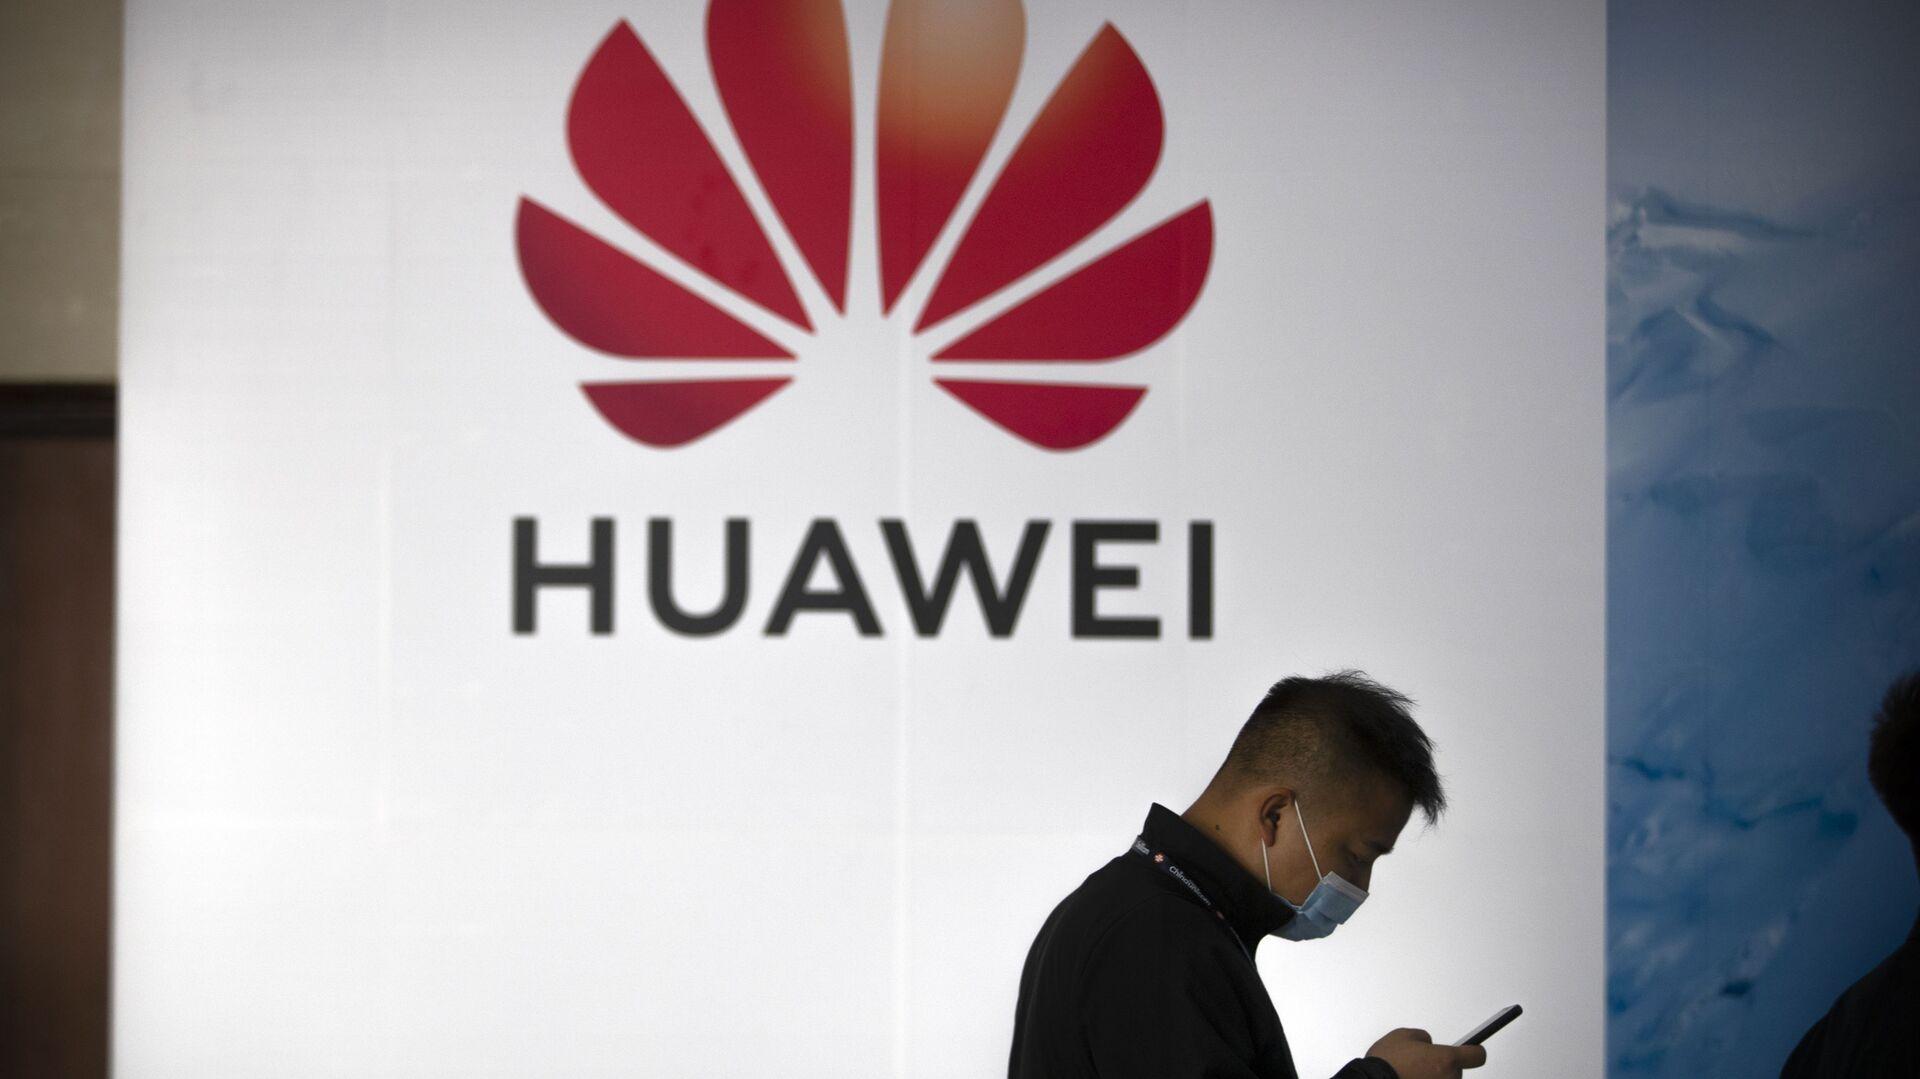 Una persona camina delante del logotipo de Huawei en una feria tecnológica en Pekín - Sputnik Mundo, 1920, 20.02.2021